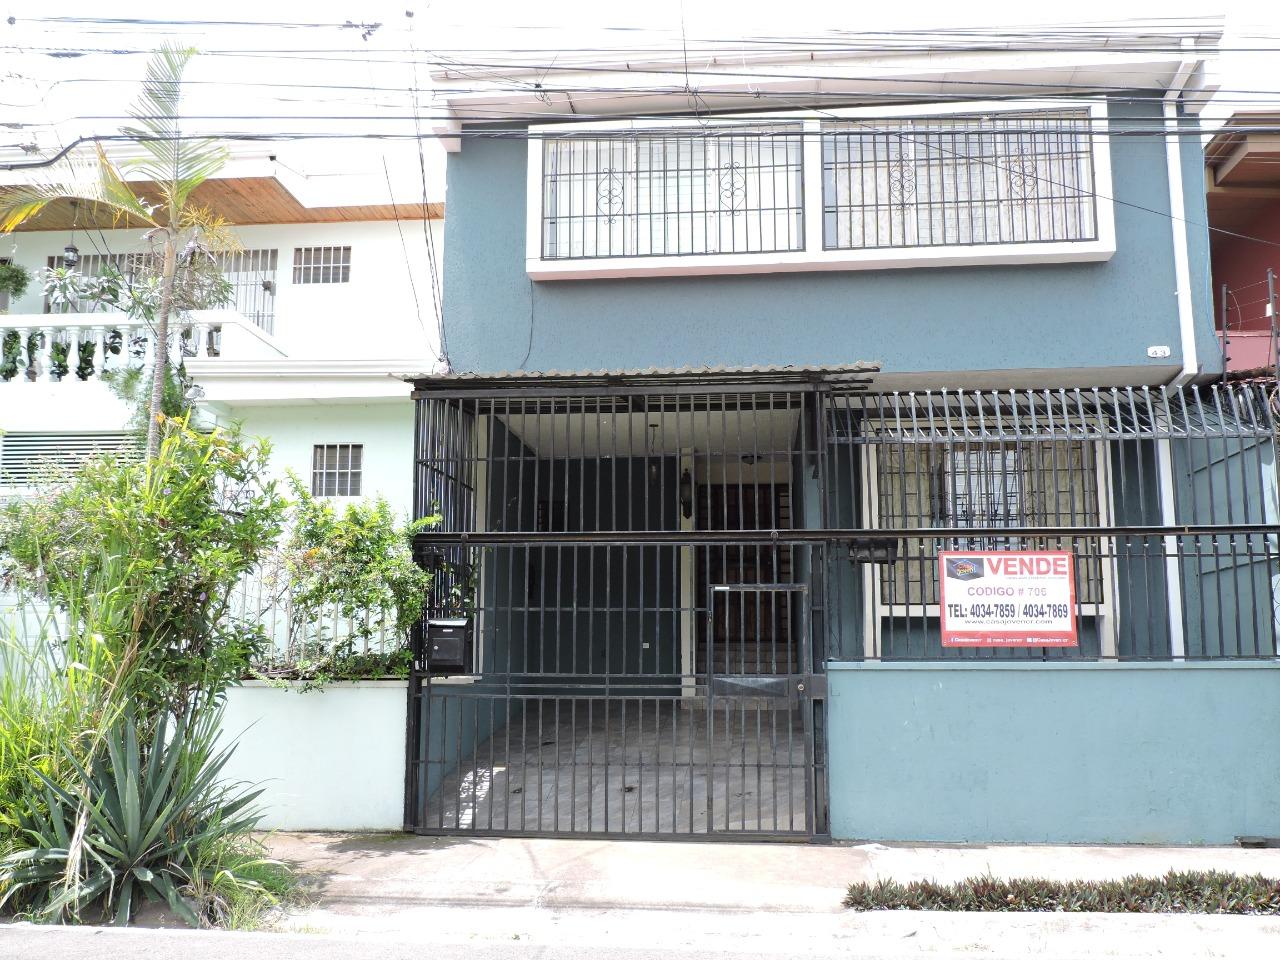 706 Se Vende Casa independiente en Trejos Montealegre